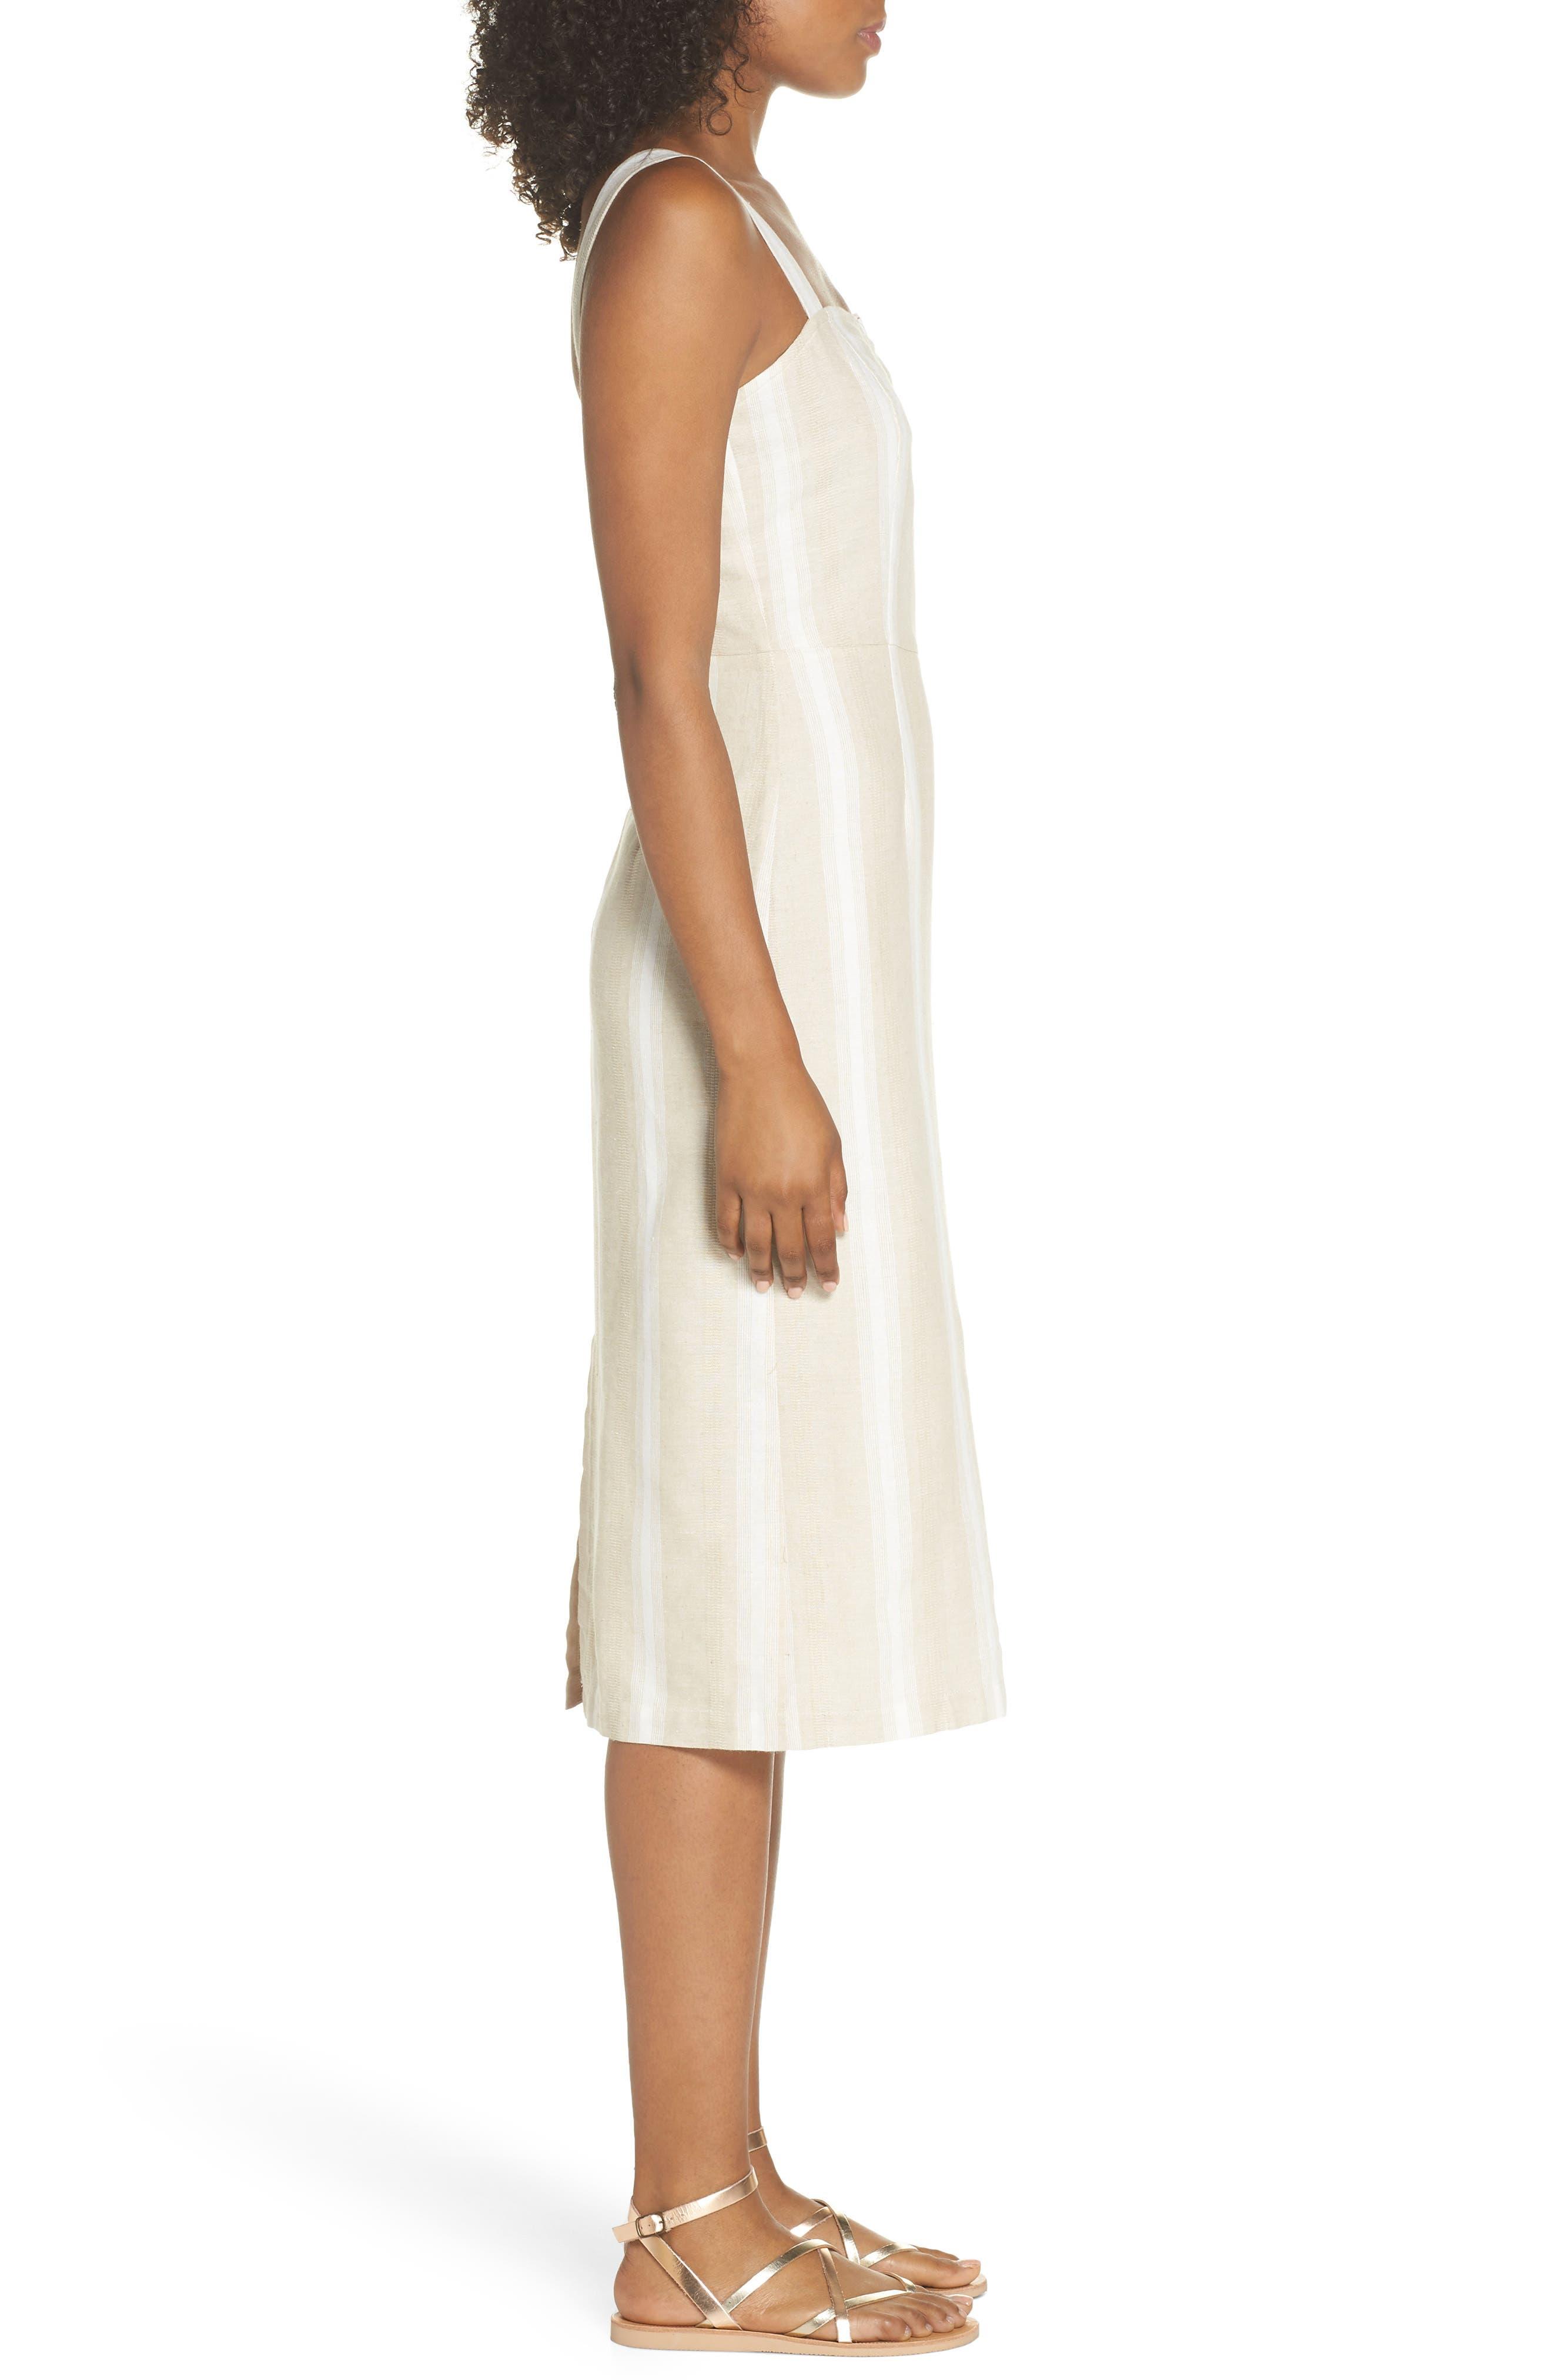 Peekabo Stripe Midi Dress,                             Alternate thumbnail 3, color,                             Sand